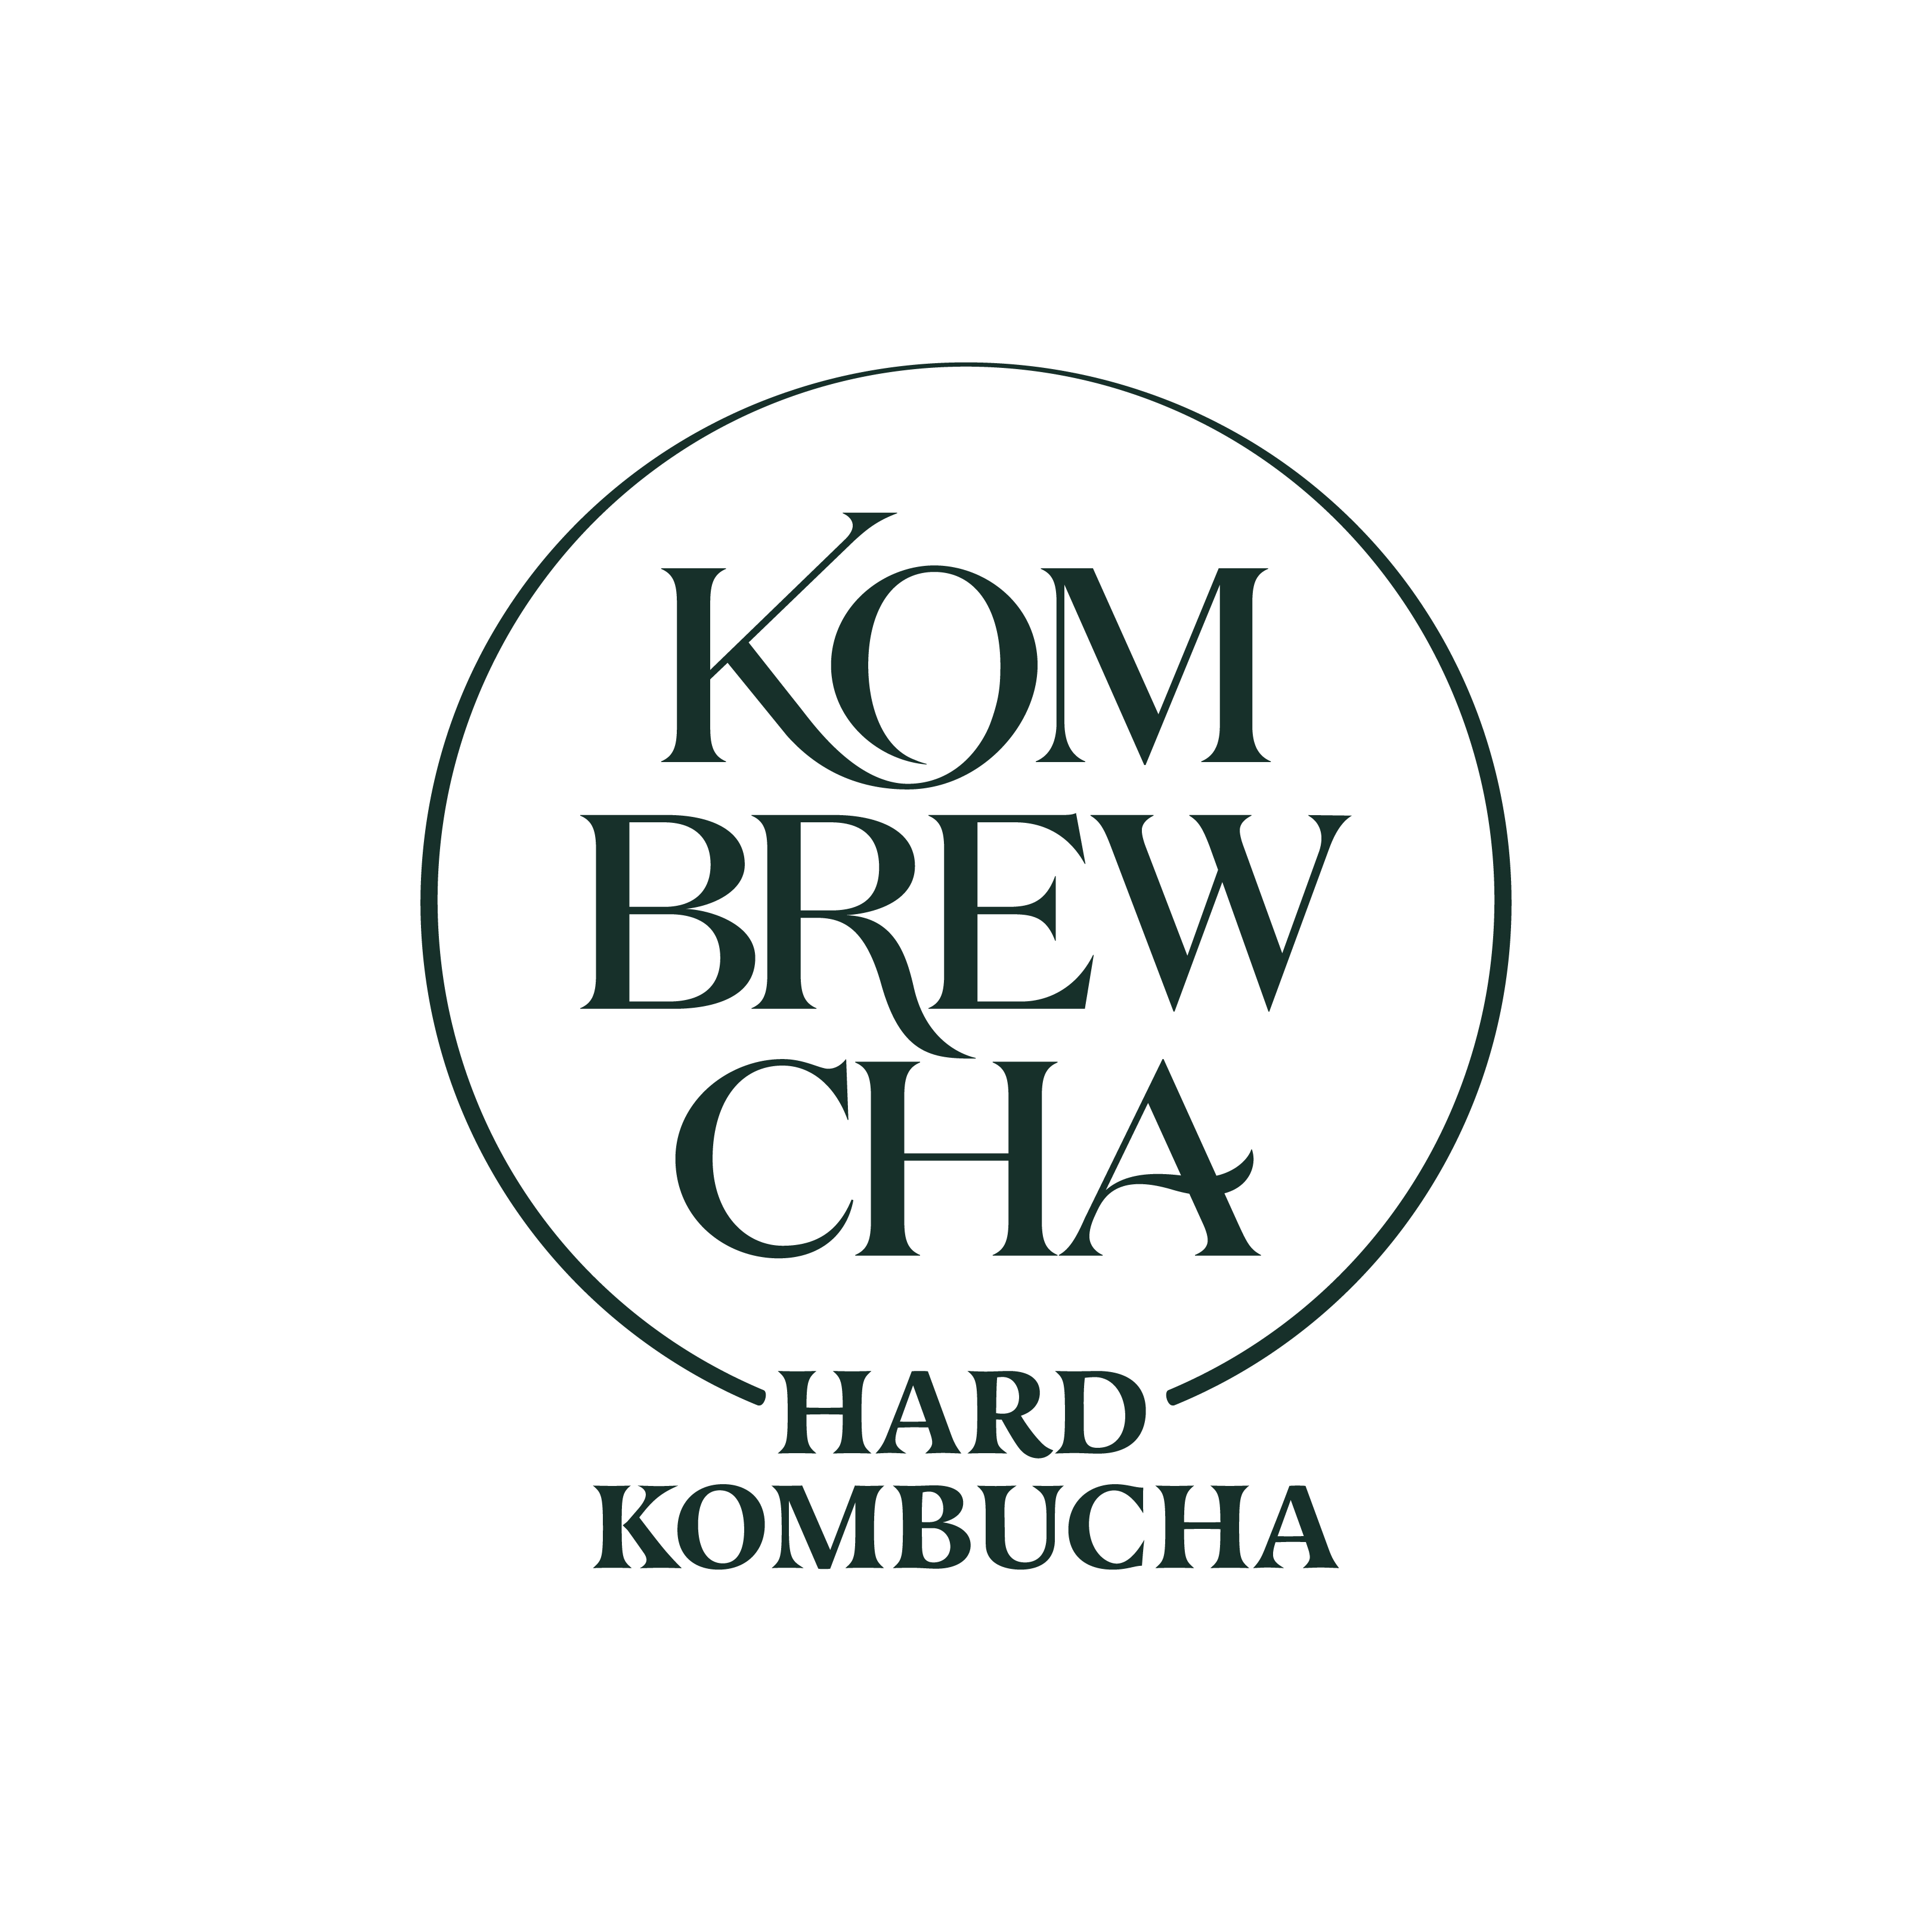 Kombrewcha full lockup hq